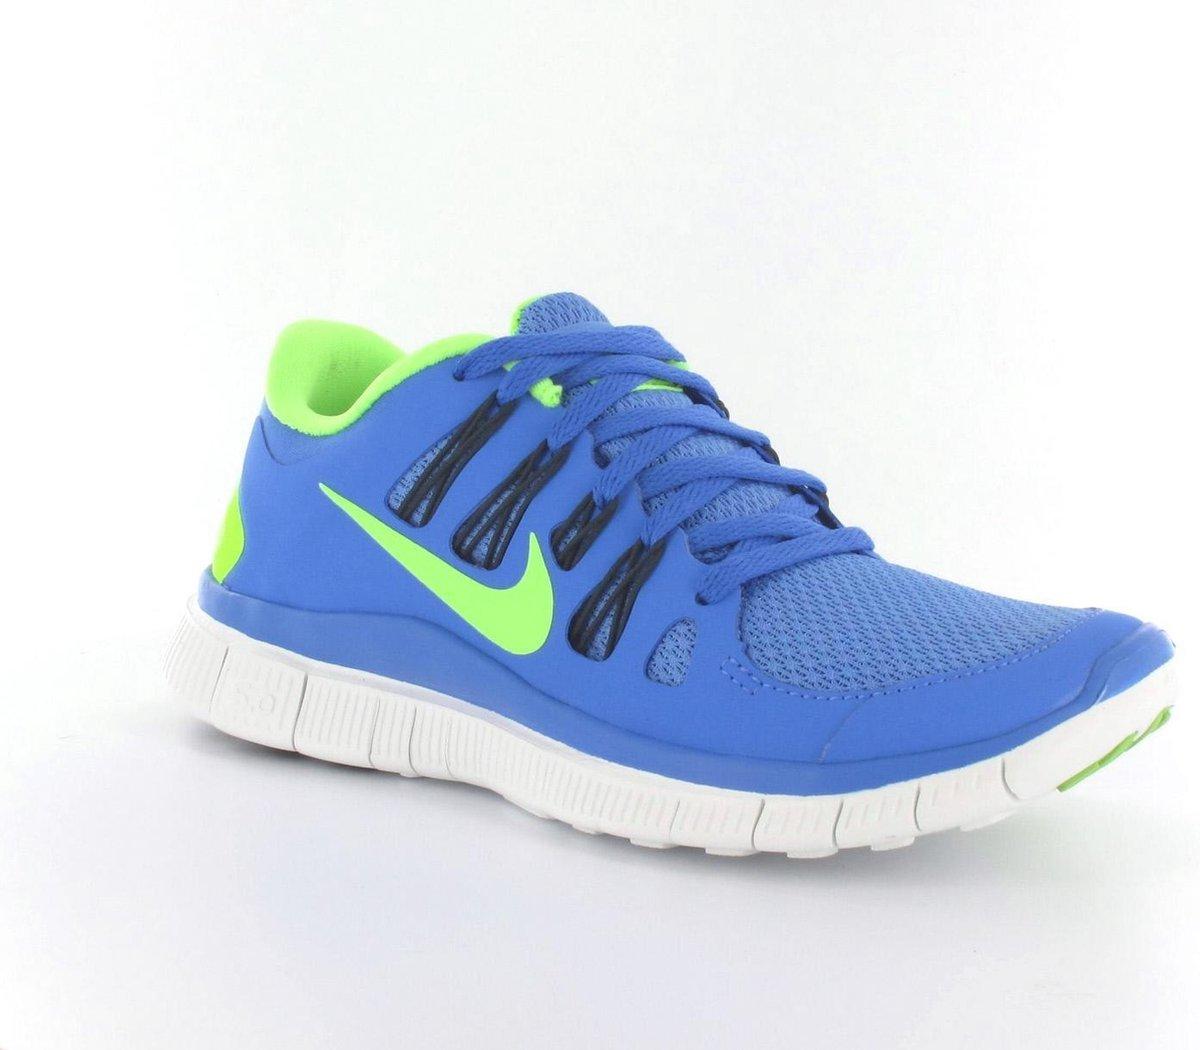 Nike Free 5.0+ Hardloopschoenen Dames Maat 36 Blauw;Fluor Geel